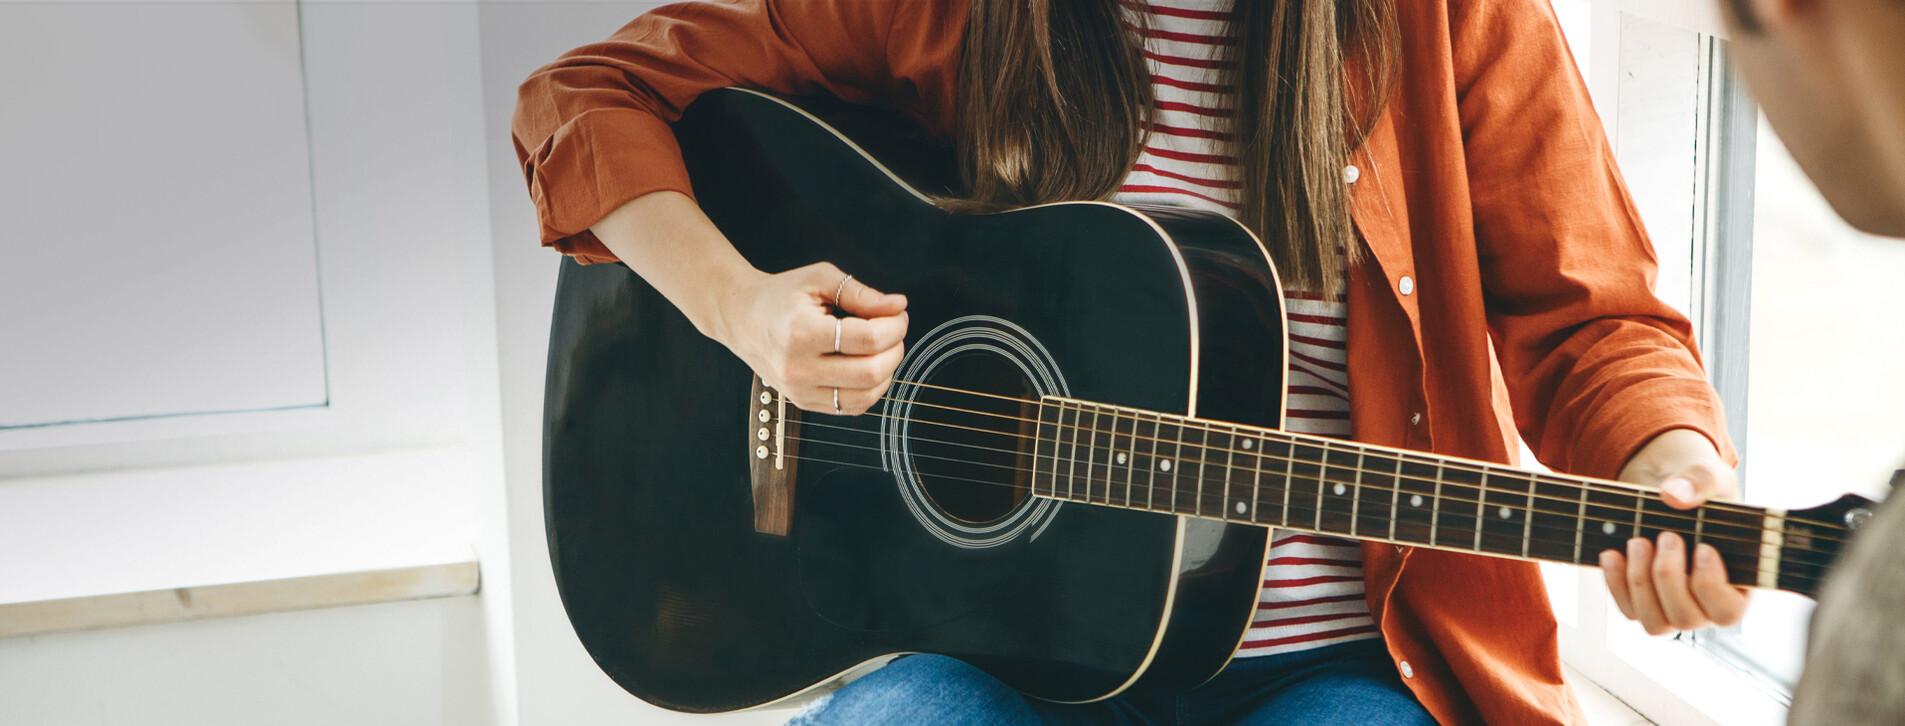 Фото 1 - Мастер-класс игры на гитаре